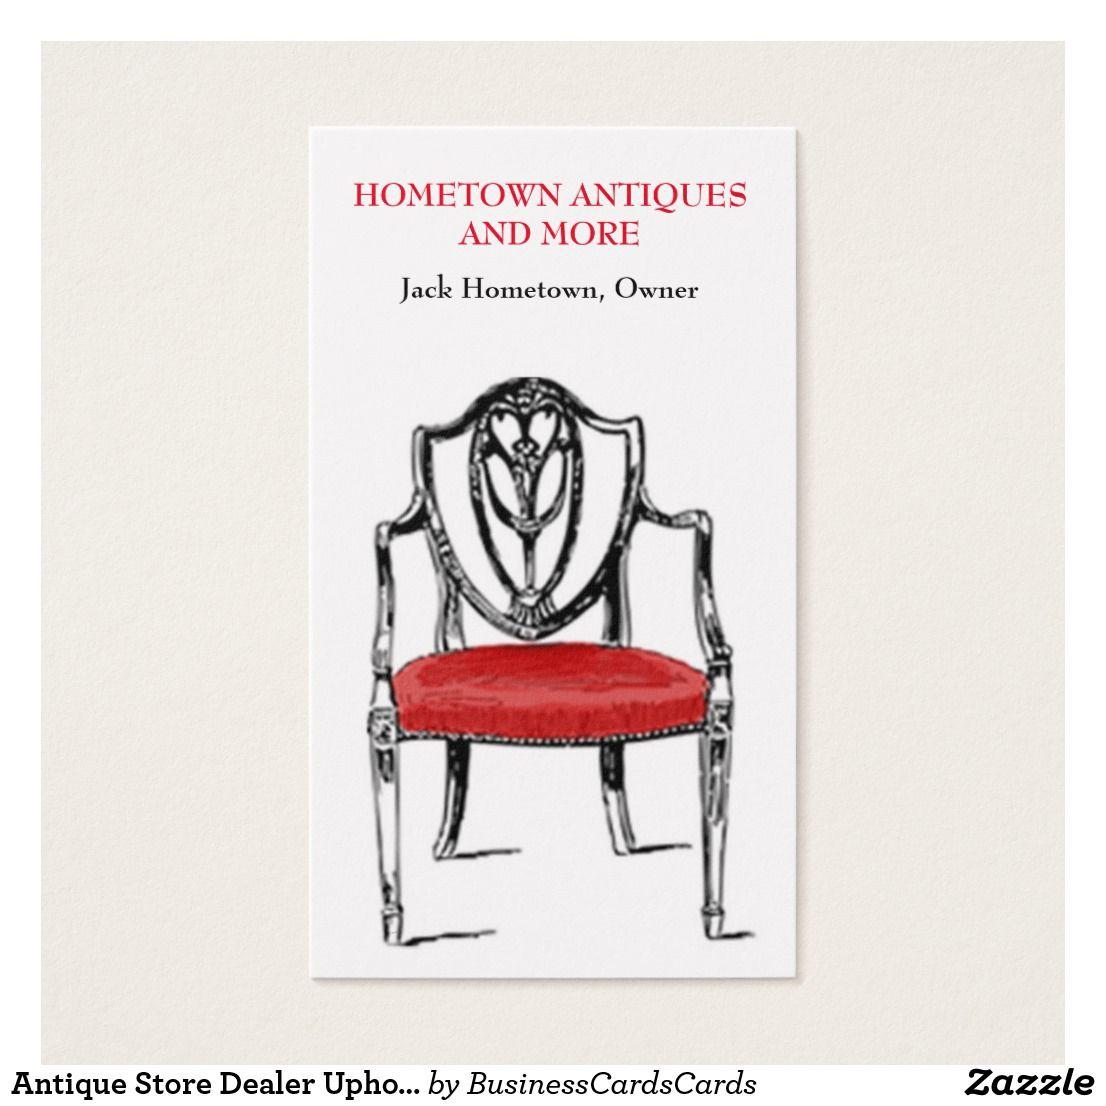 Antique Store Dealer Upholsterer Business Card | Antique stores ...